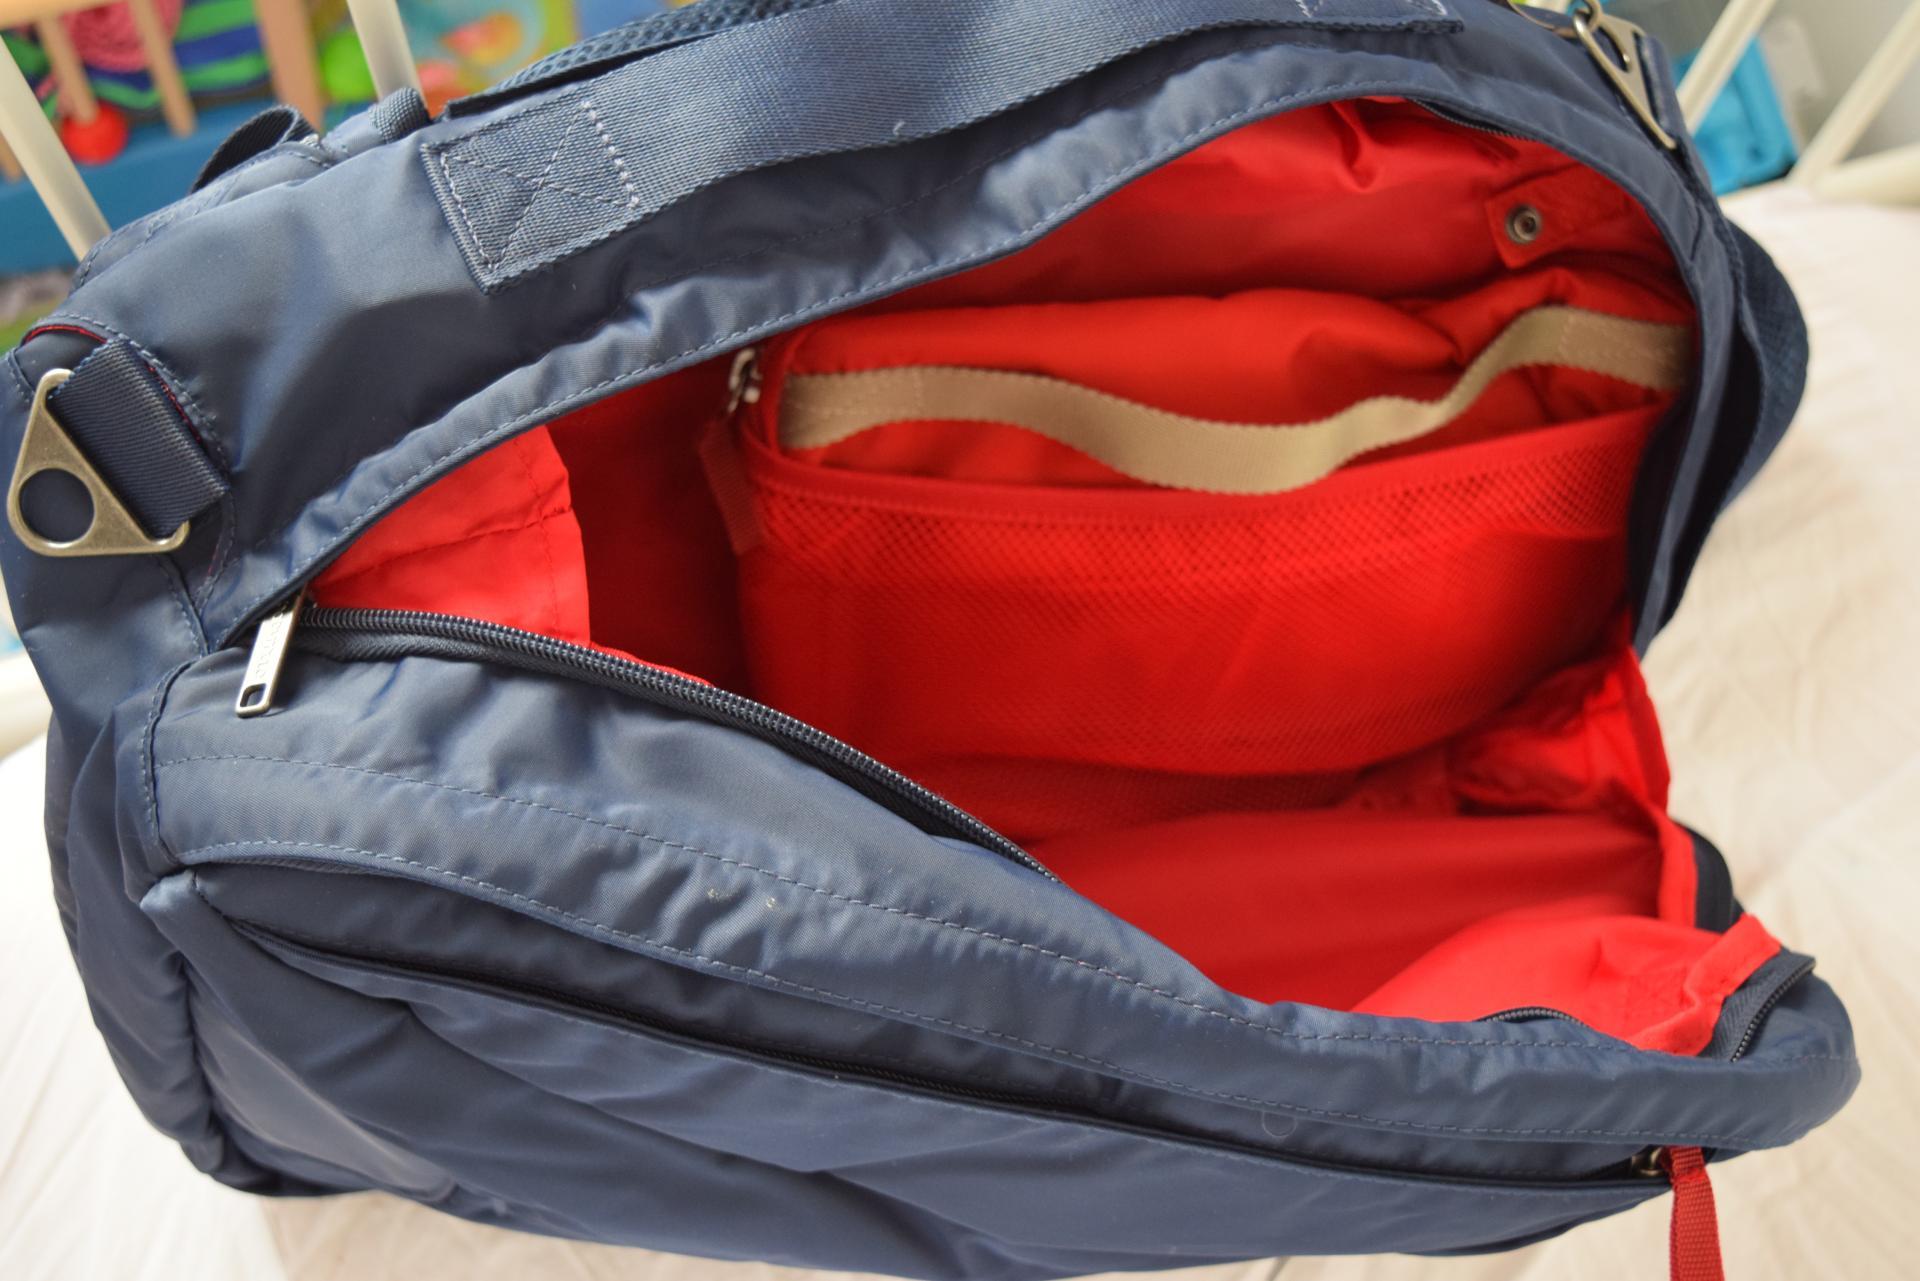 Babymule changing bag